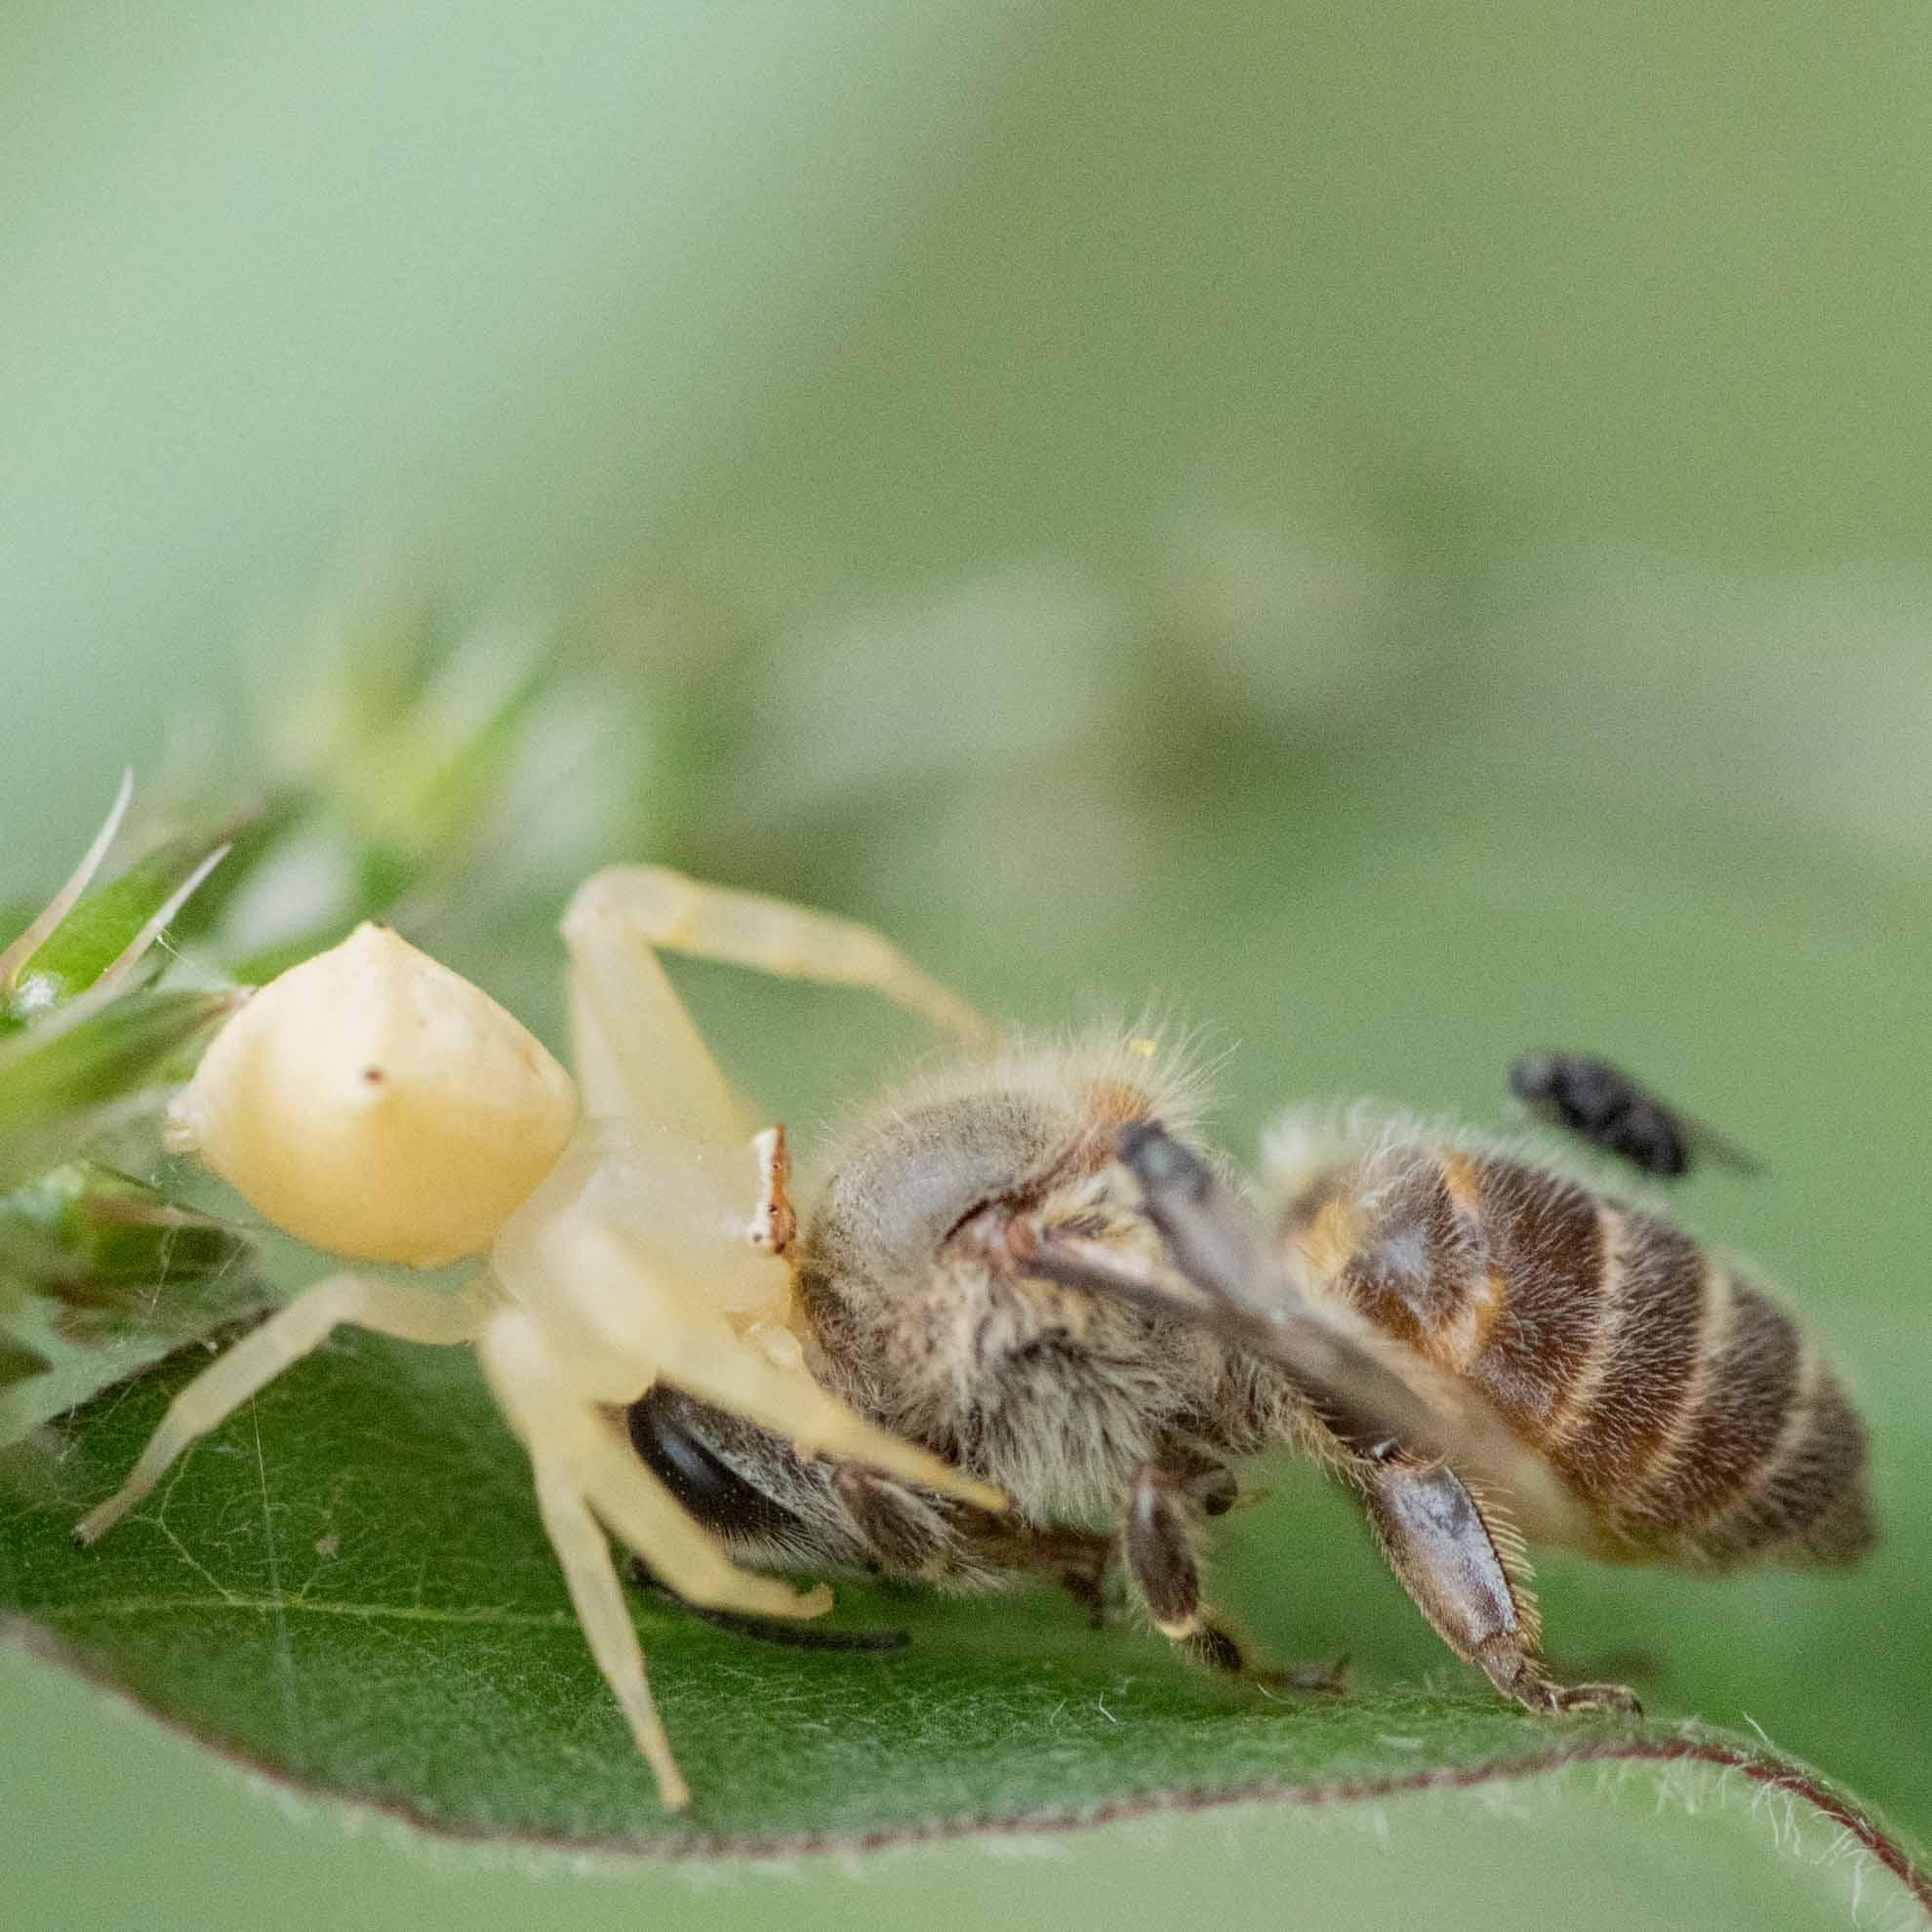 アズチグモの♀とニホンミツバチ